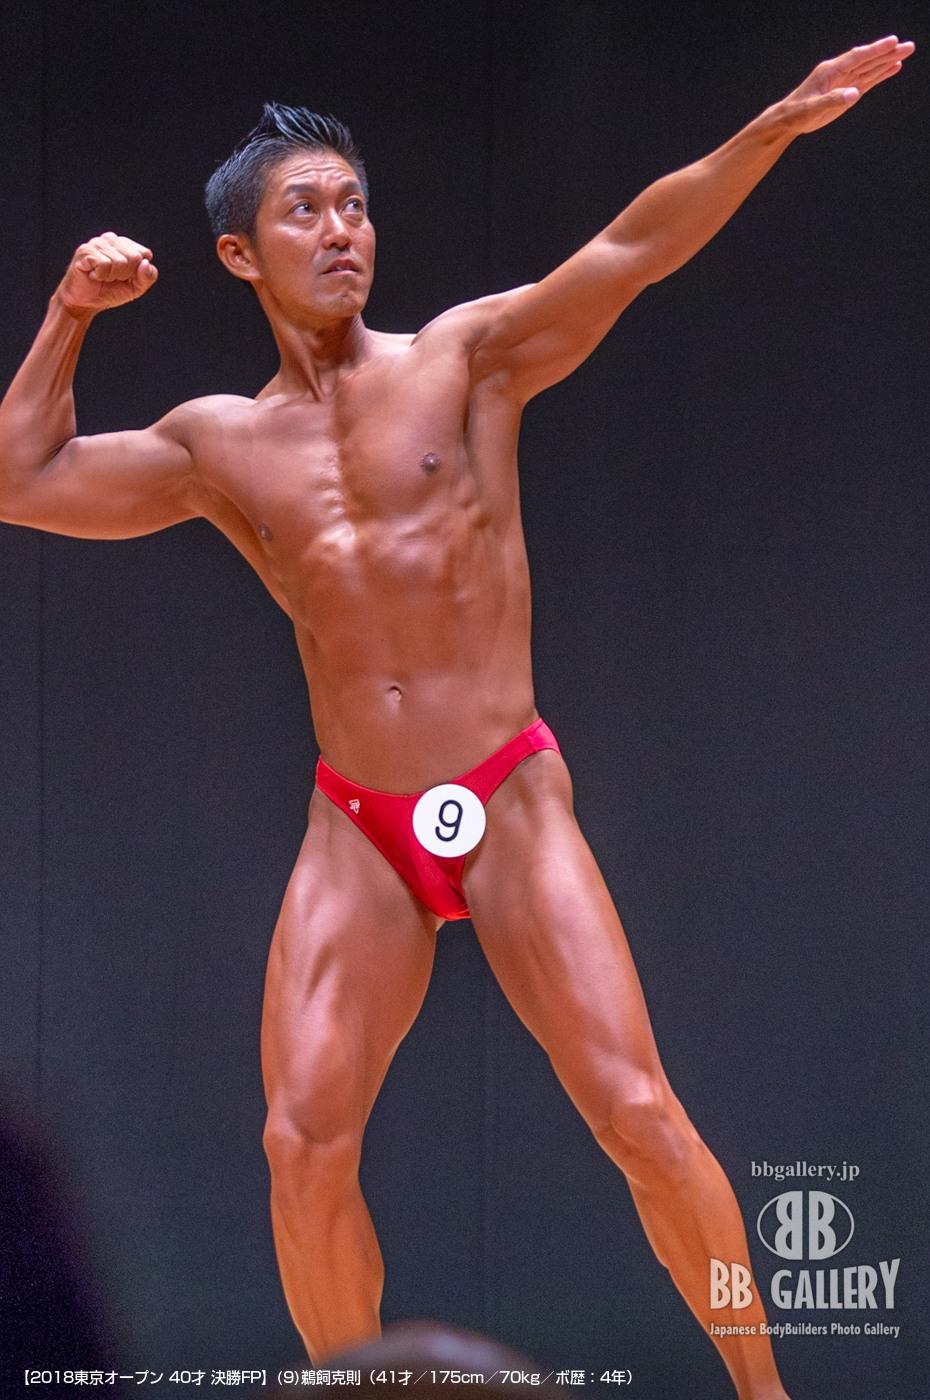 【2018東京オープン 40才 決勝FP】(9)鵜飼克則(41才/175cm/70kg/ボ歴:4年)